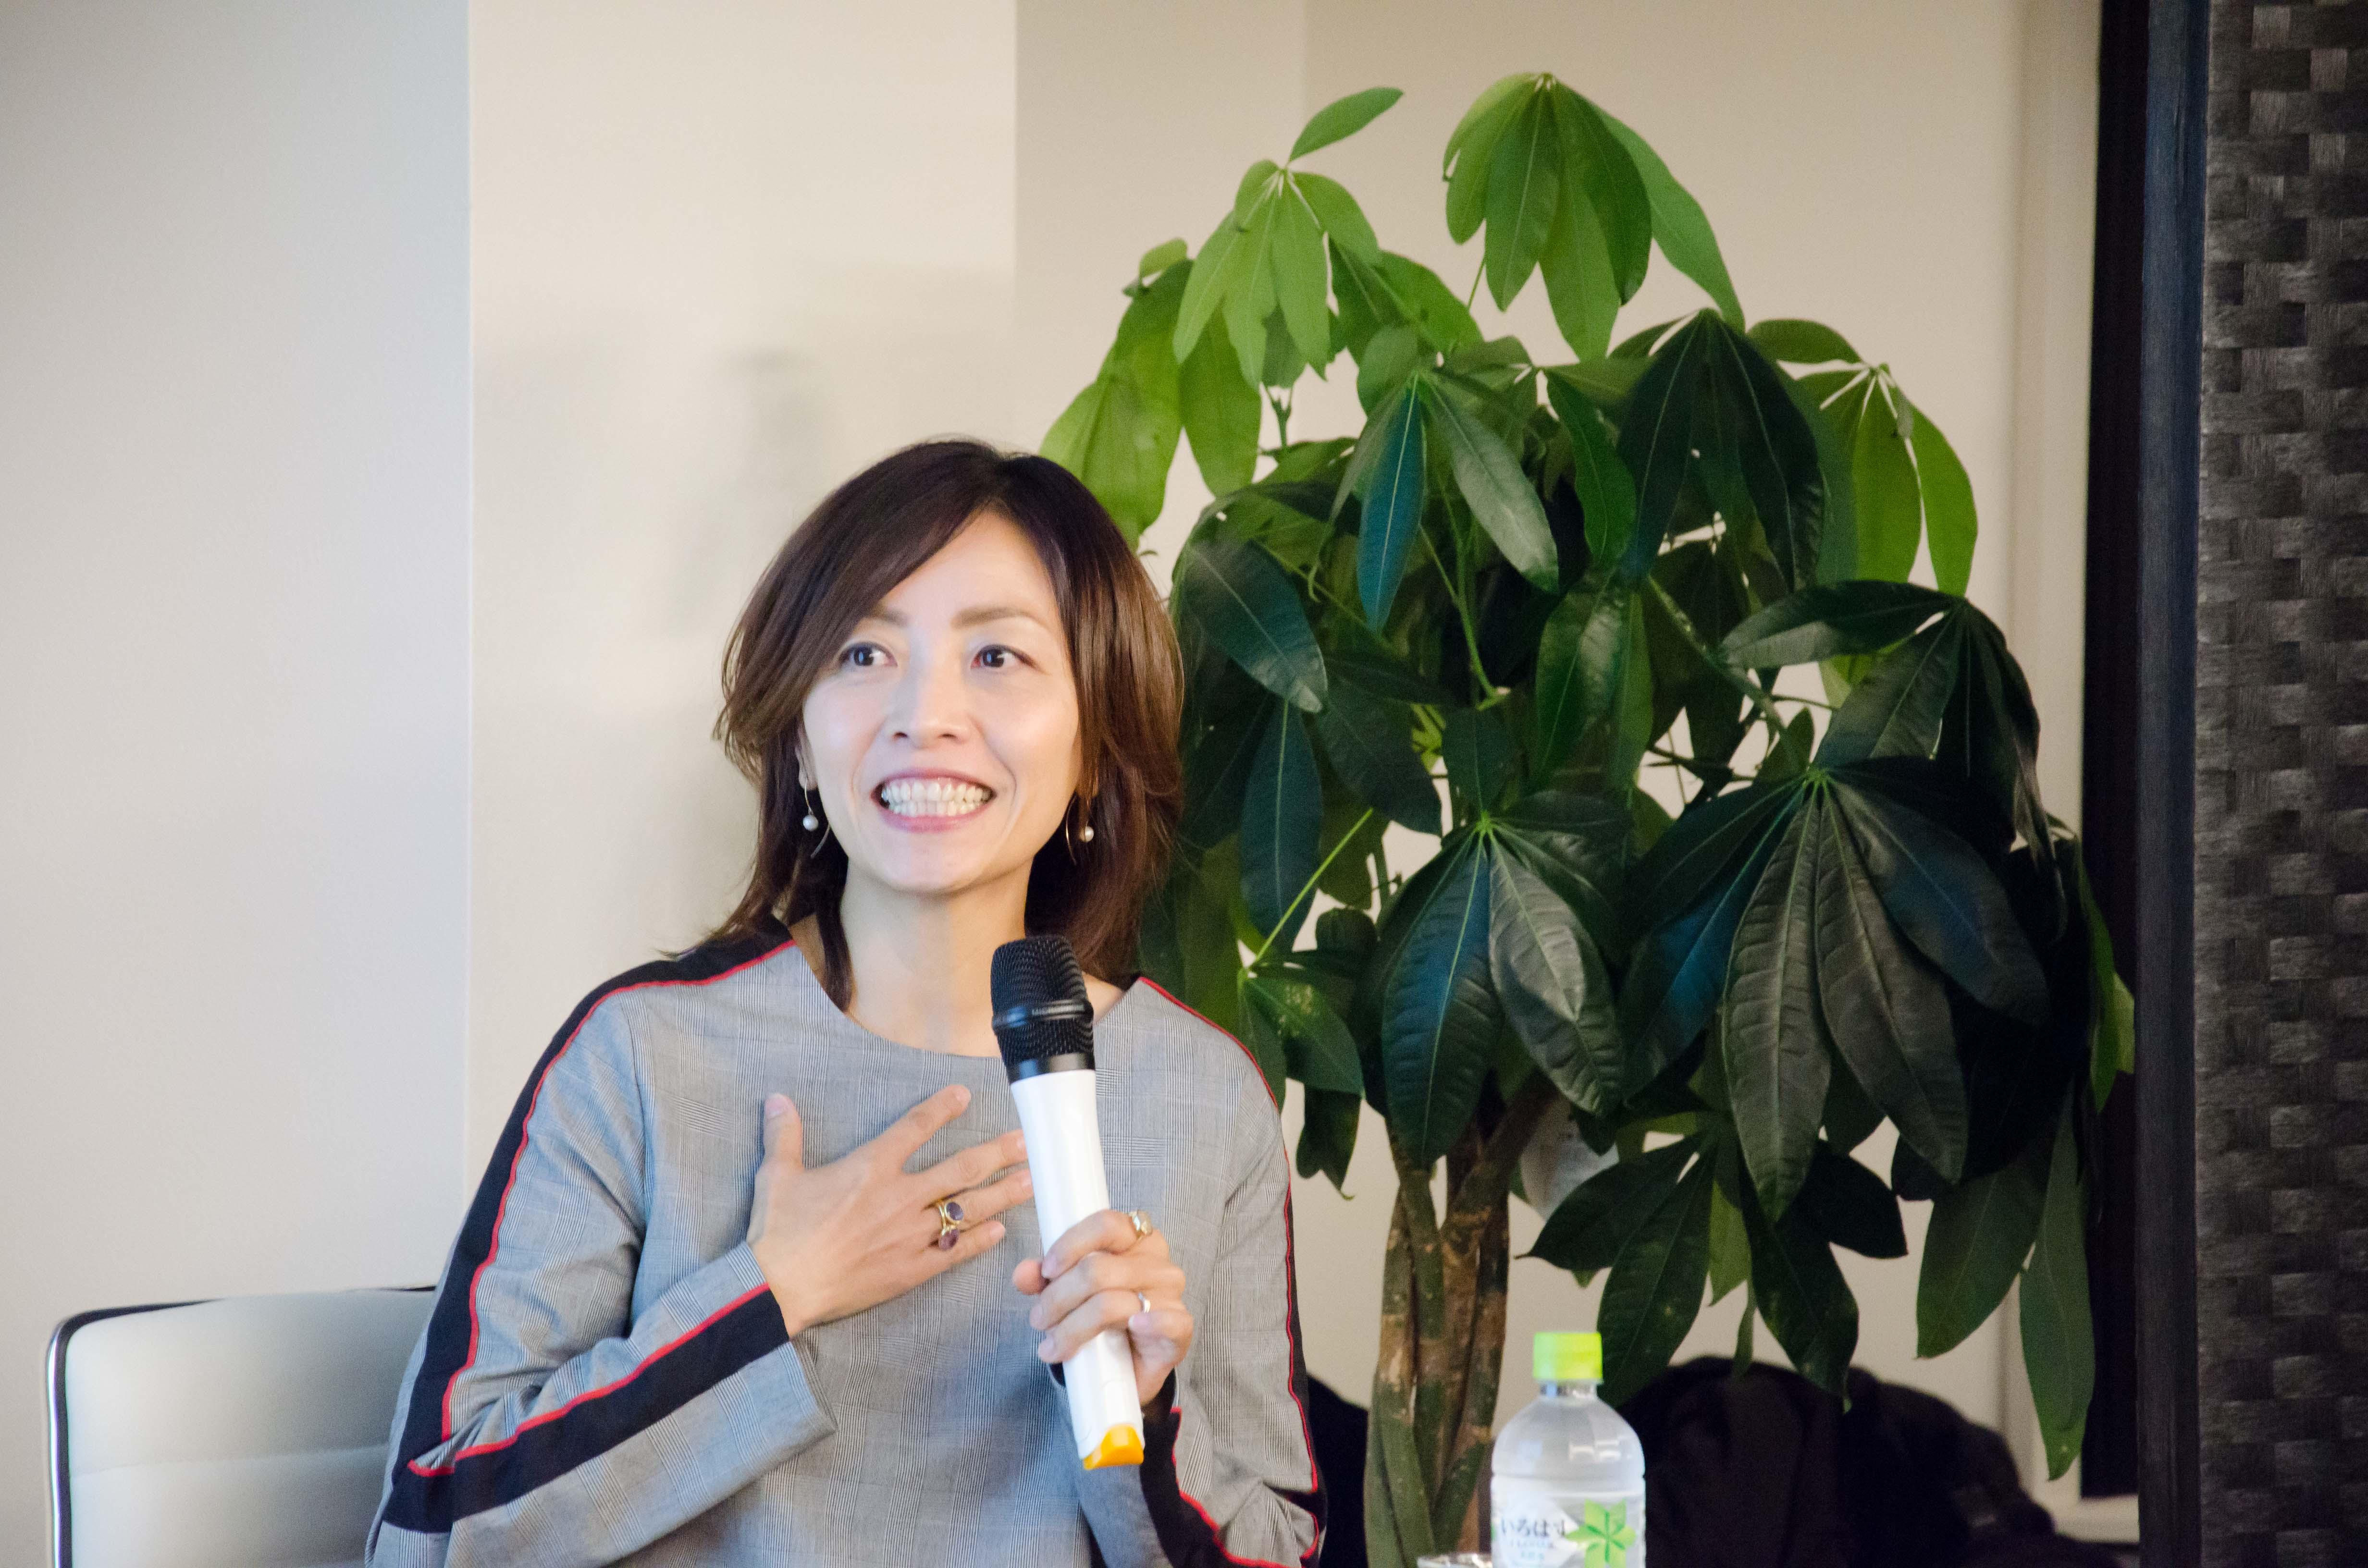 「人生集中したら2年でなんとかなる」ーー元ルイ・ヴィトン斉藤麻子さんの働く人のためのポジティブ思考 #トップセミナー.vol15|BEYOND CAFE(ビヨンドカフェ)